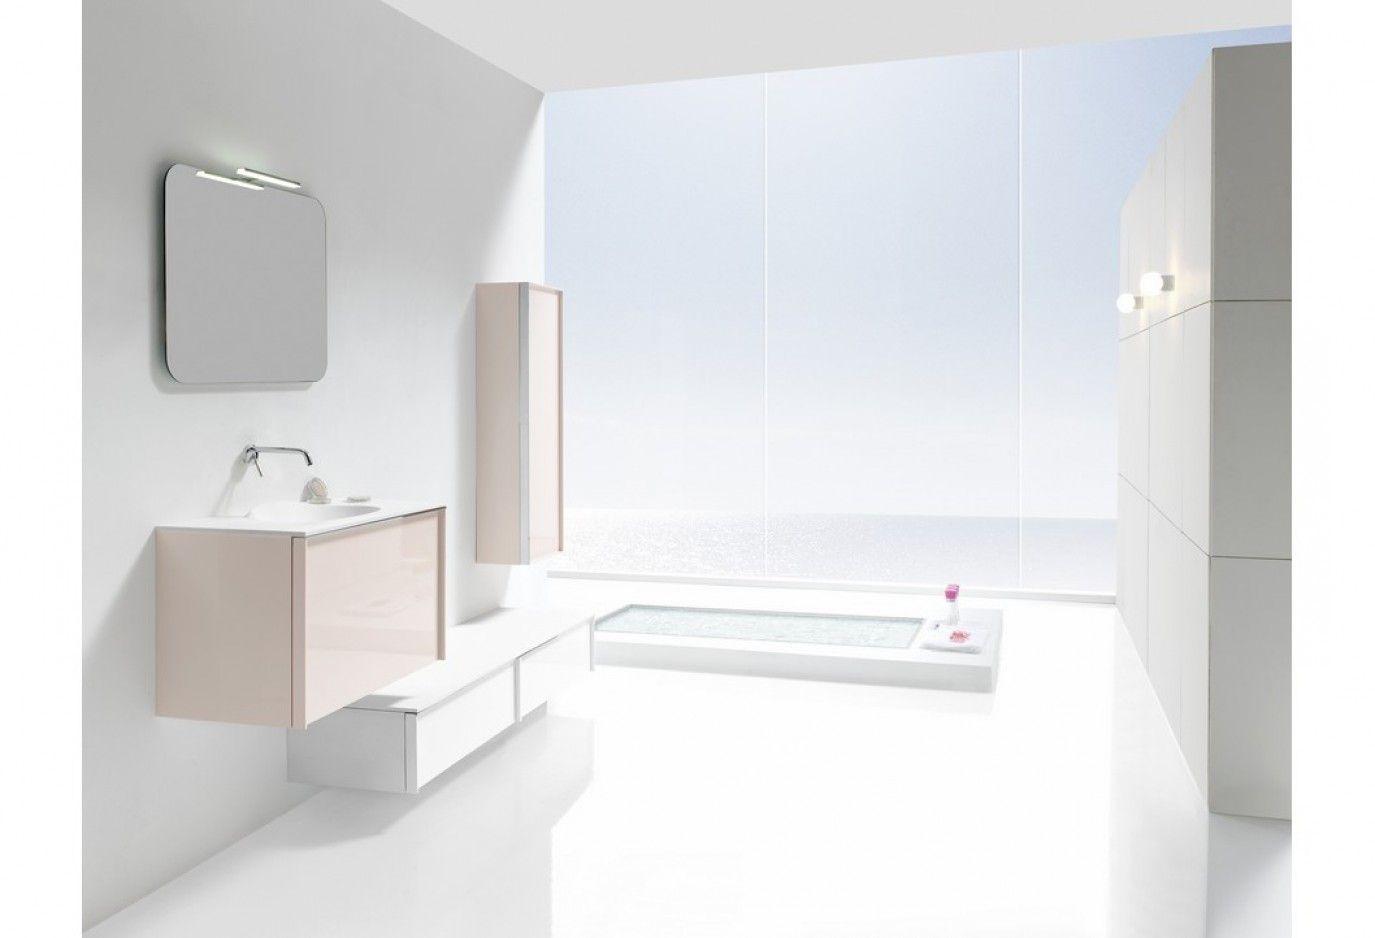 Composición 4 | Muebles de baño, Muebles, Baños